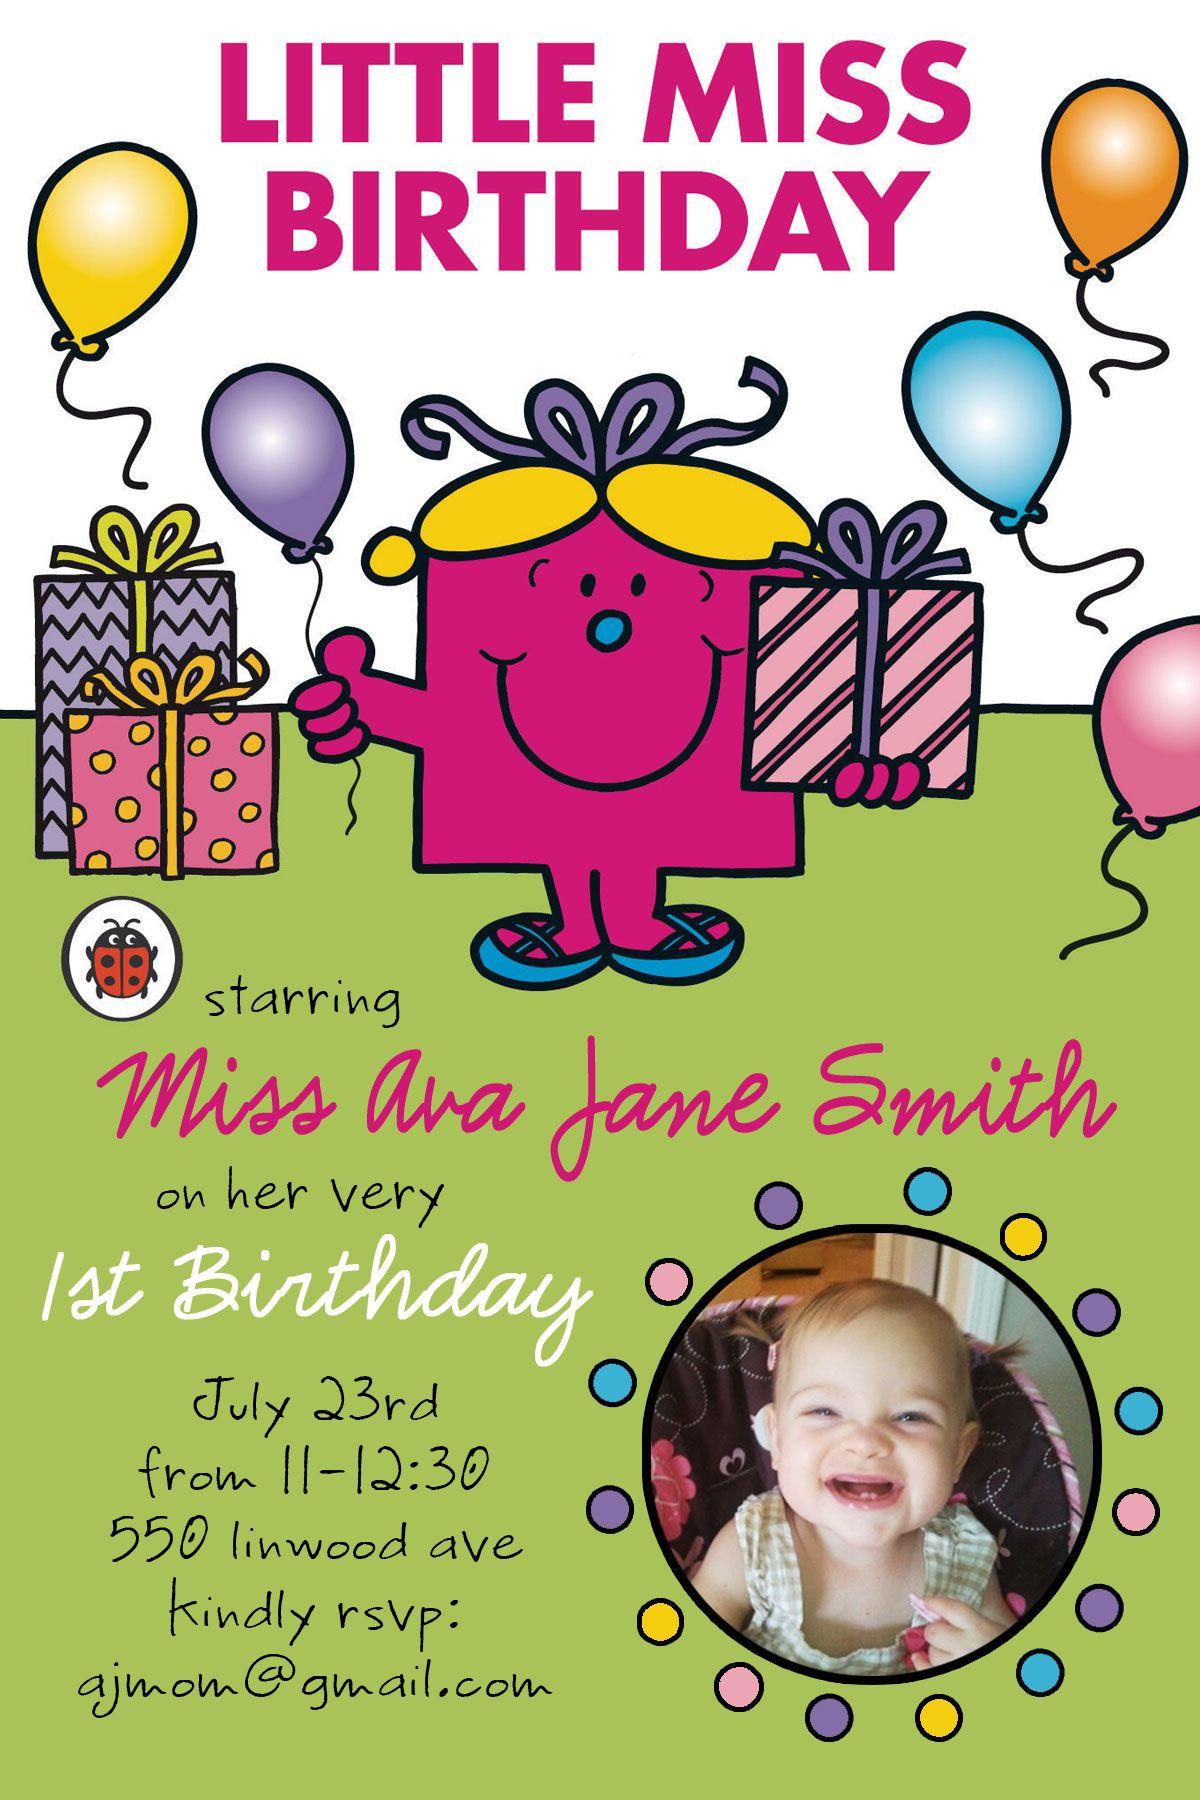 Little Miss Birthday Photo Invitation @kimberly boren | Pink Ink ...